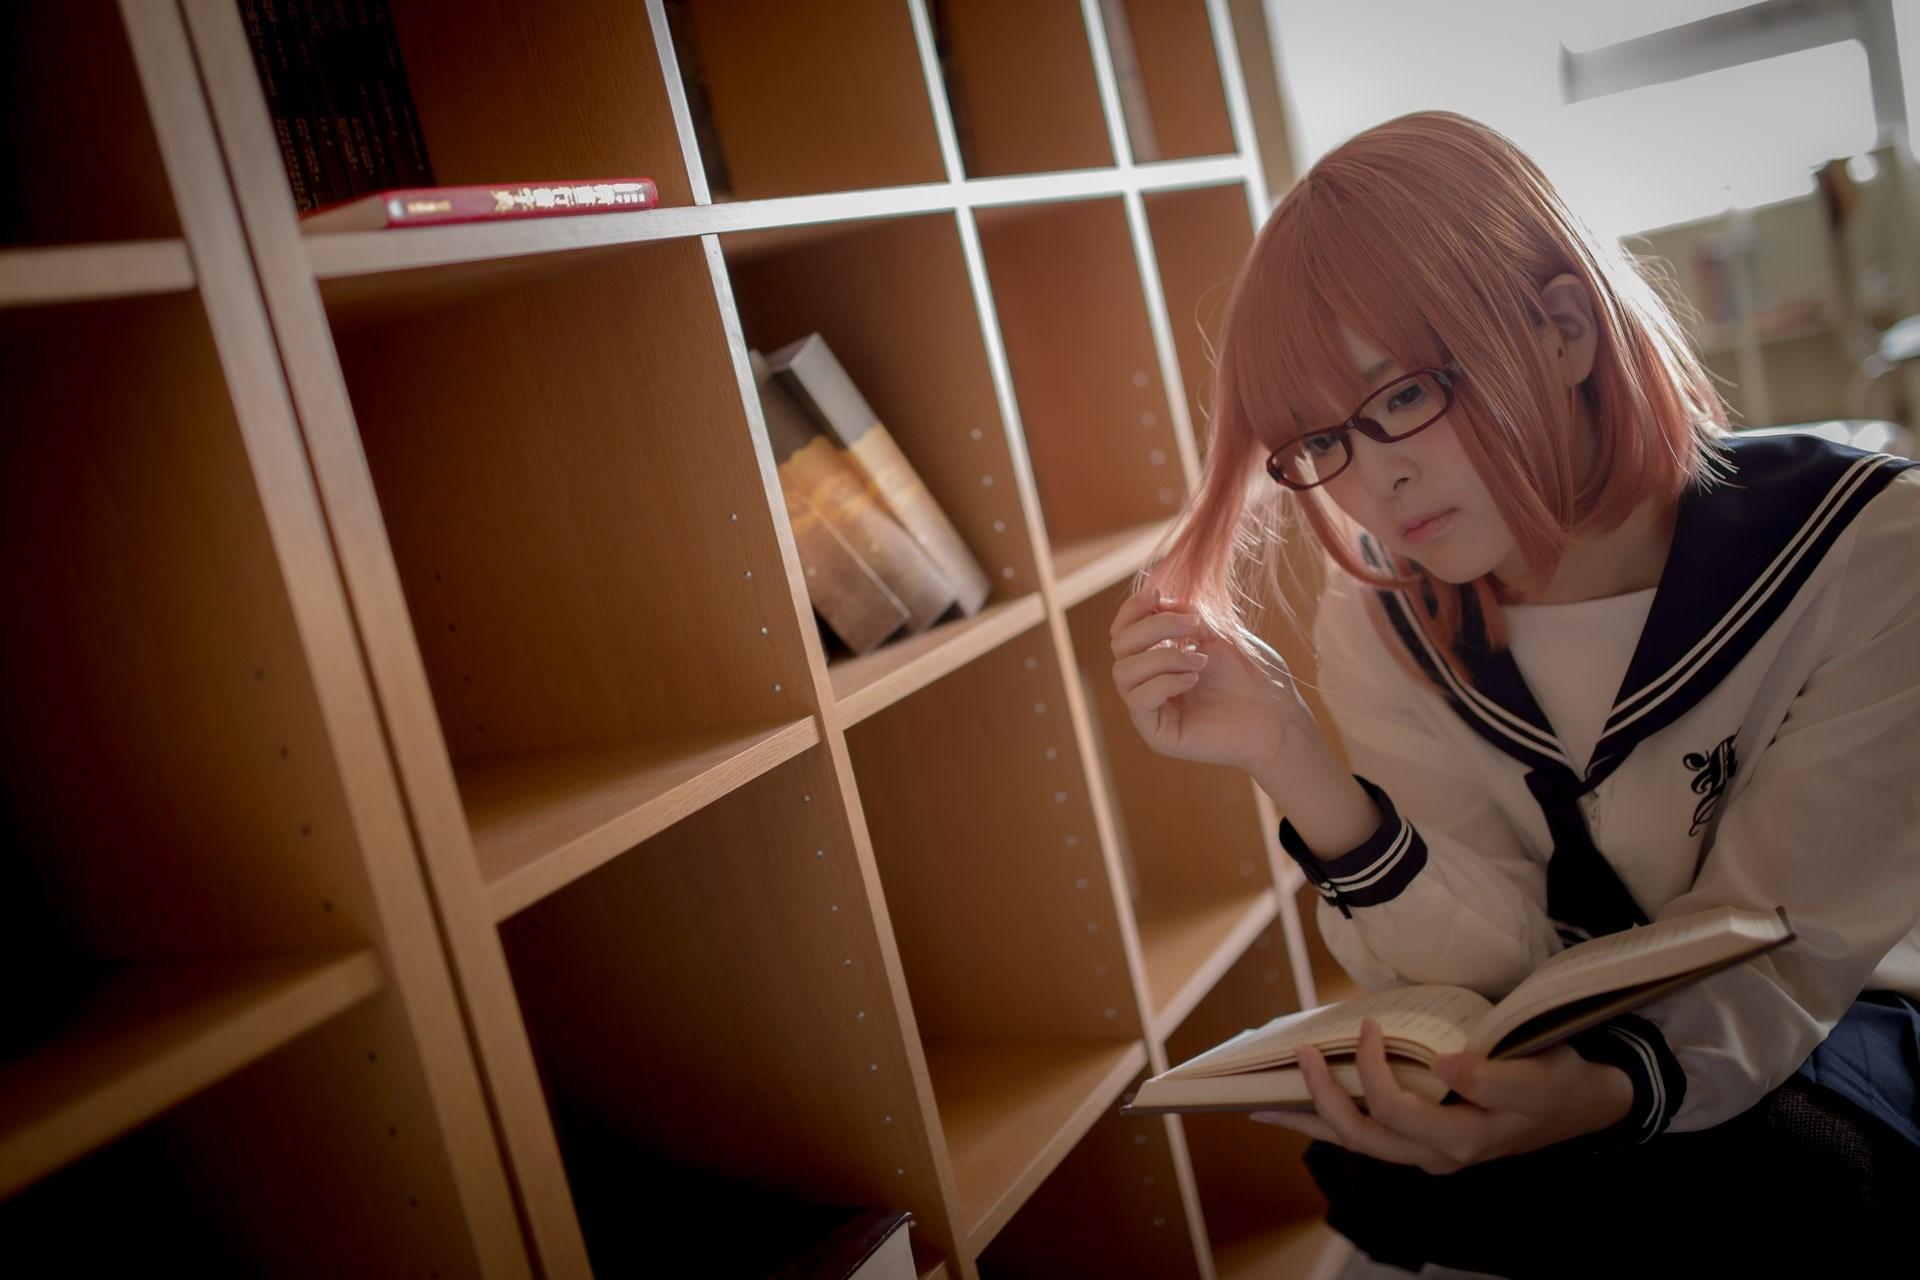 【兔玩映画】图书馆里学妹酱 兔玩映画 第36张